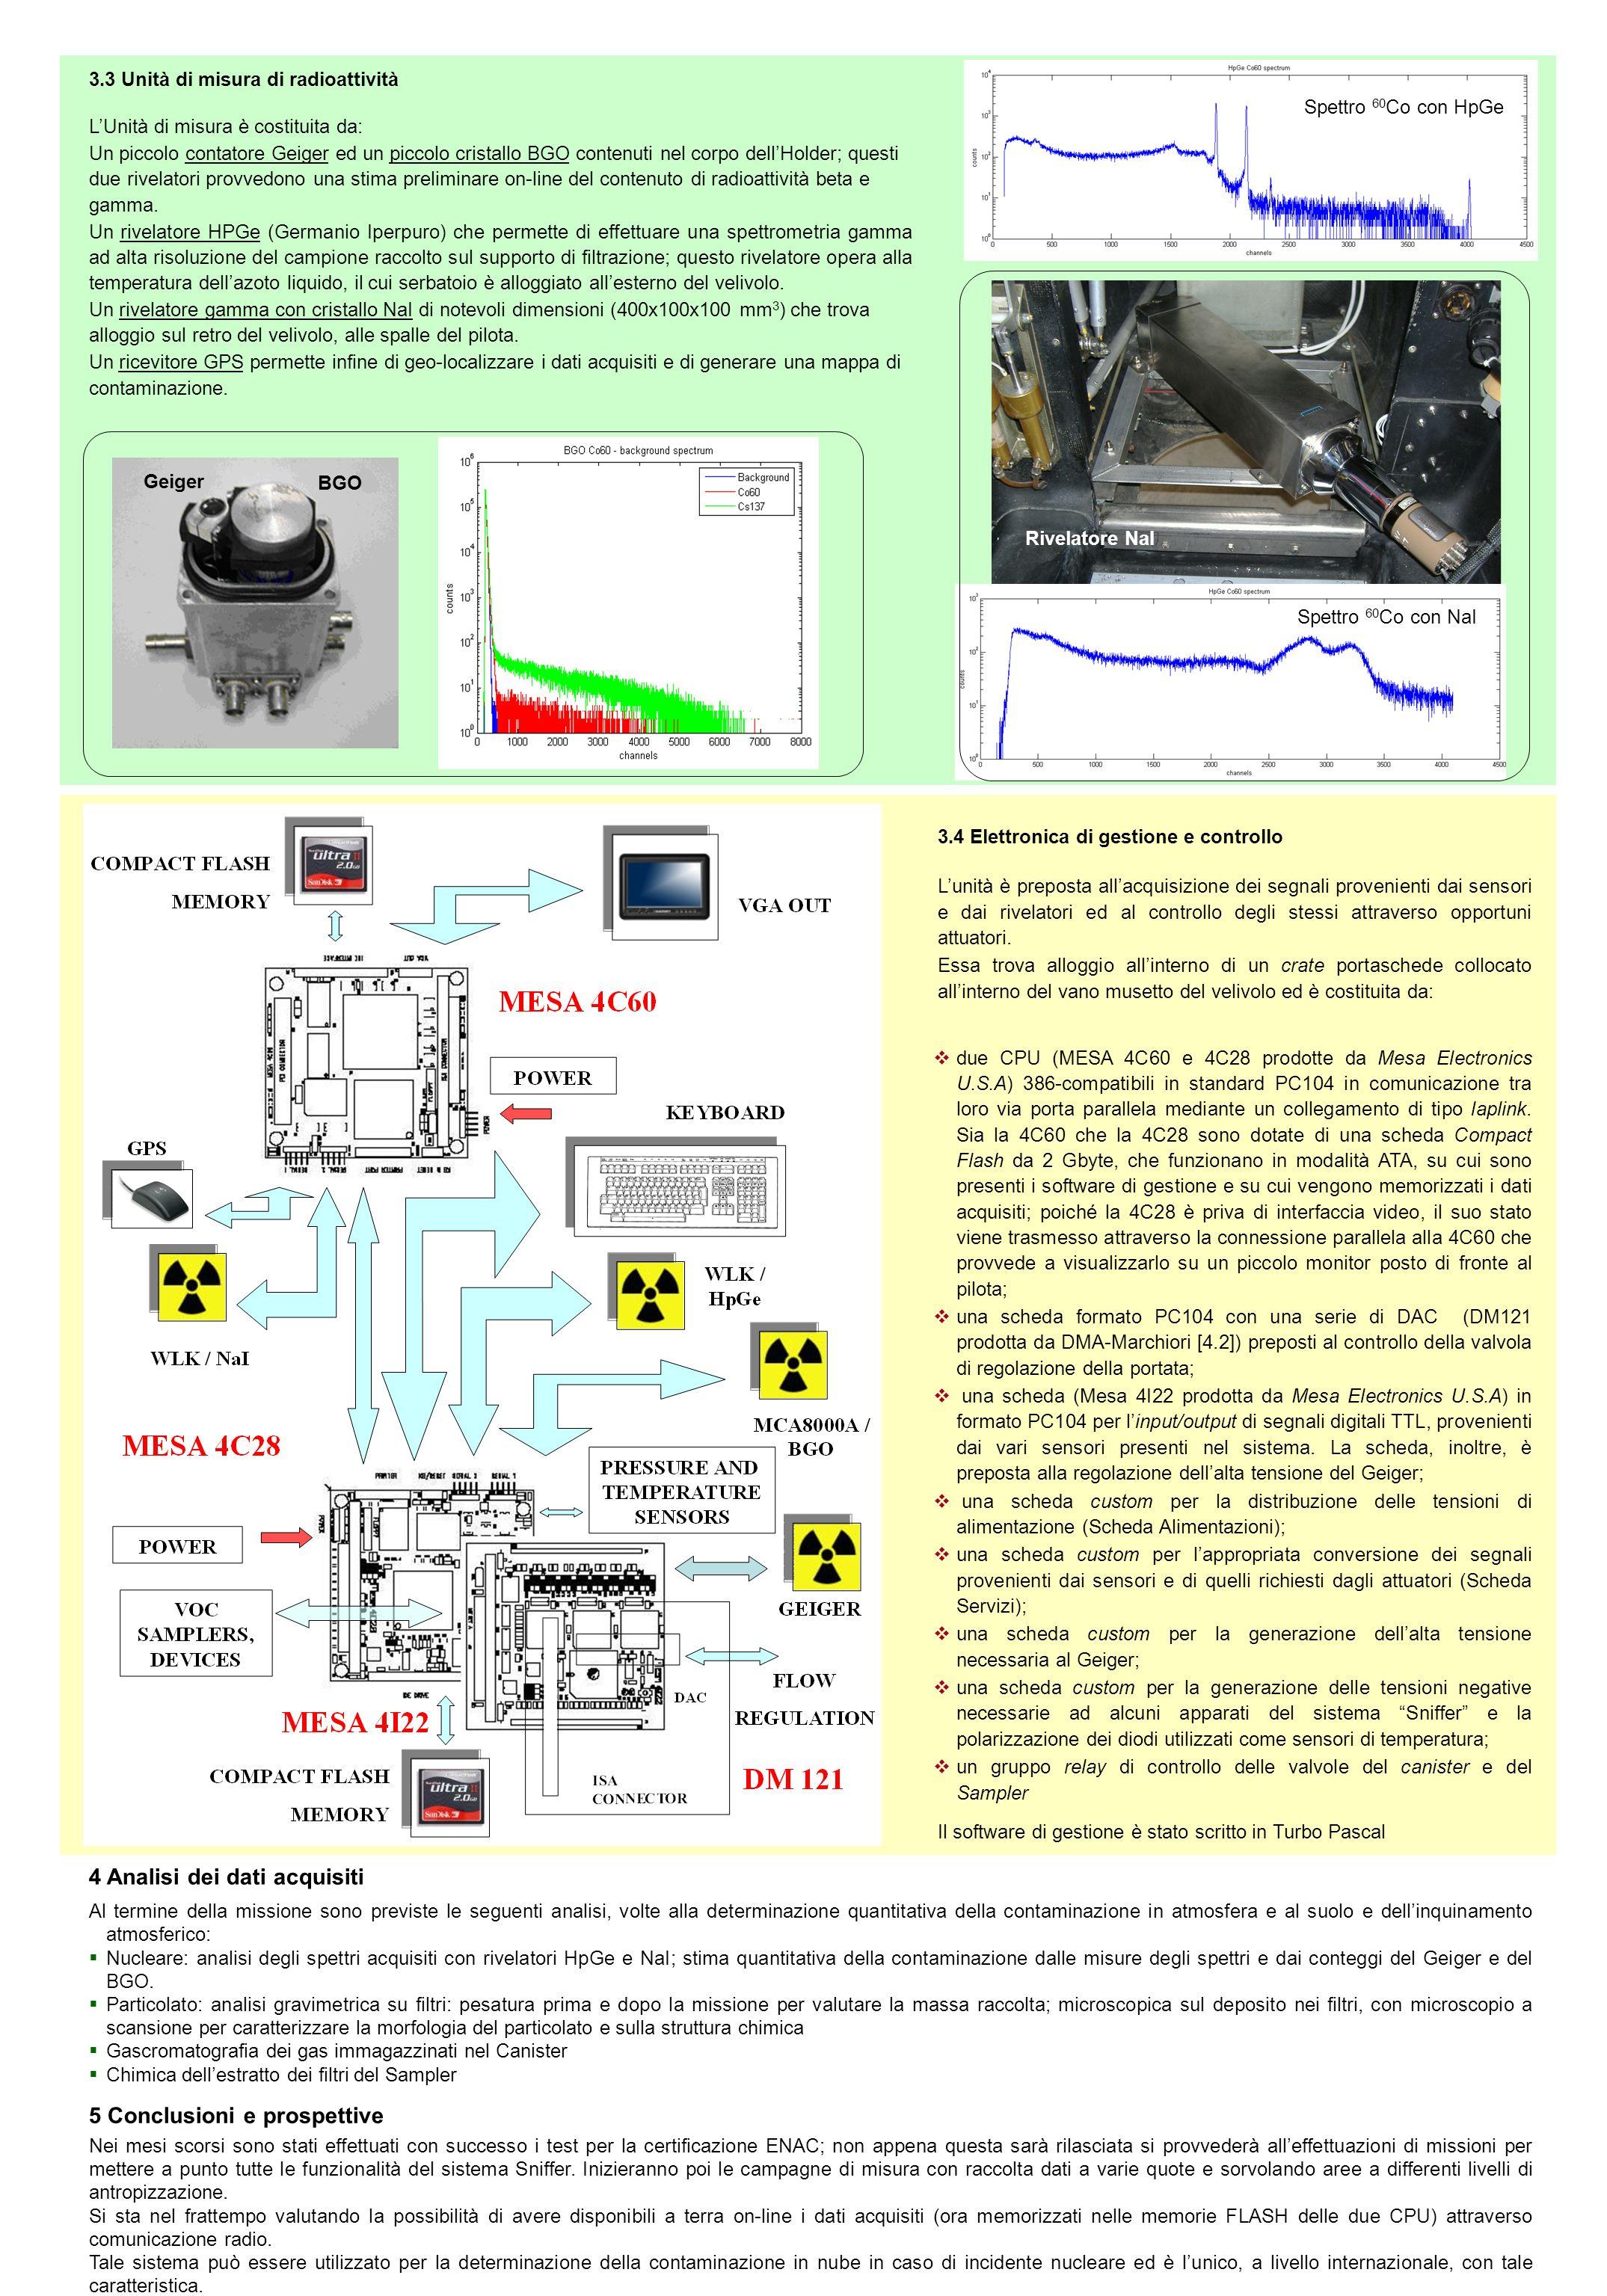 4 Analisi dei dati acquisiti Al termine della missione sono previste le seguenti analisi, volte alla determinazione quantitativa della contaminazione